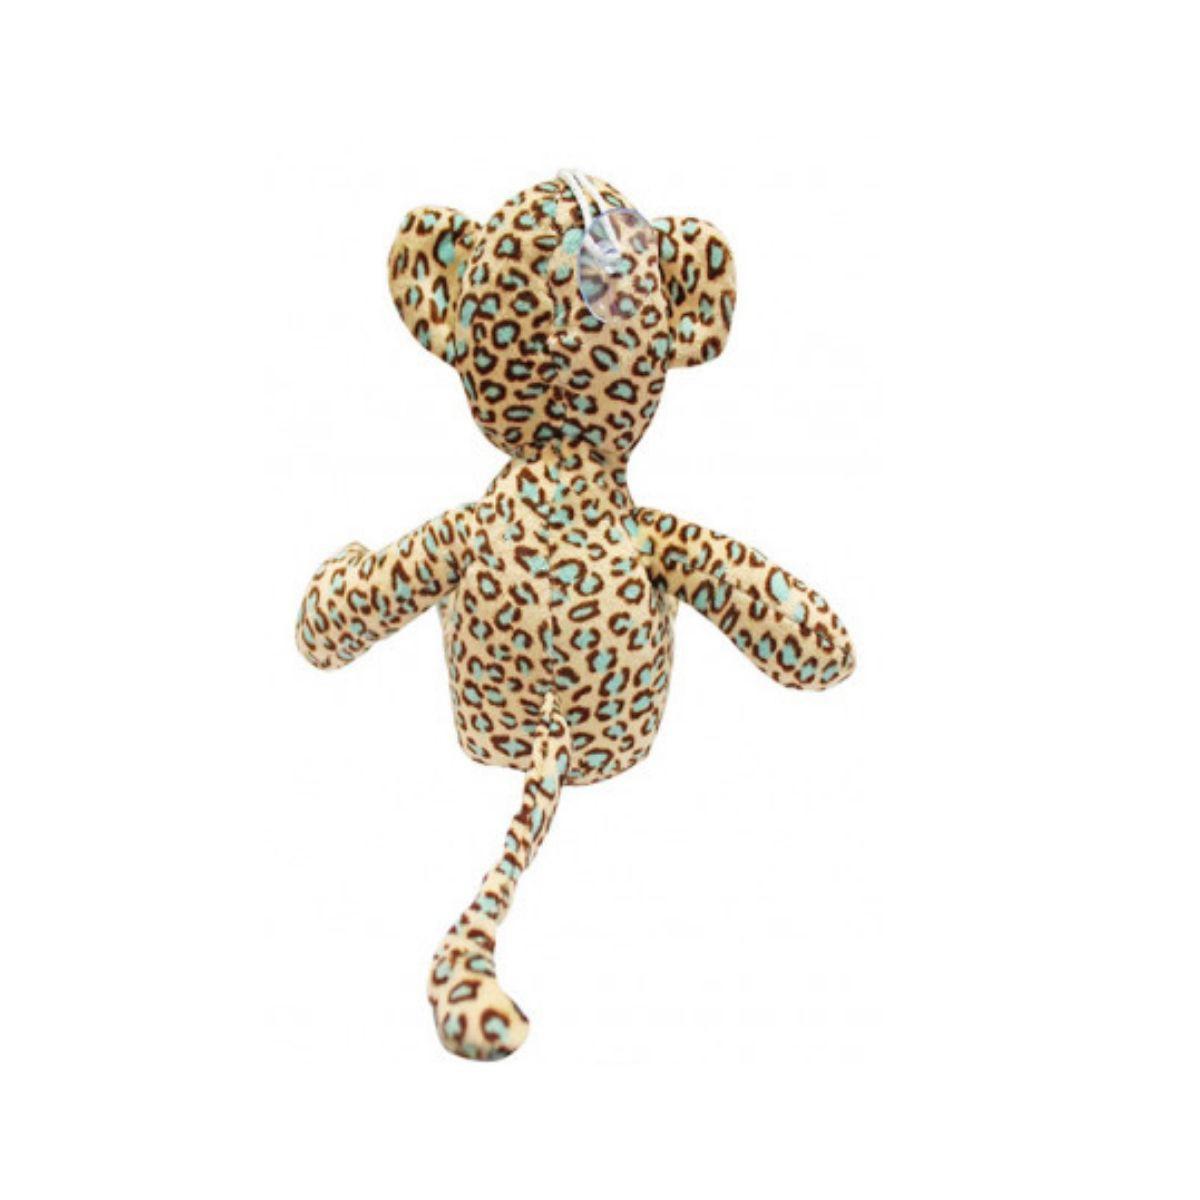 Bicho de Pelúcia Decoração de Quarto Infantil Leopardo  - Game Land Brinquedos